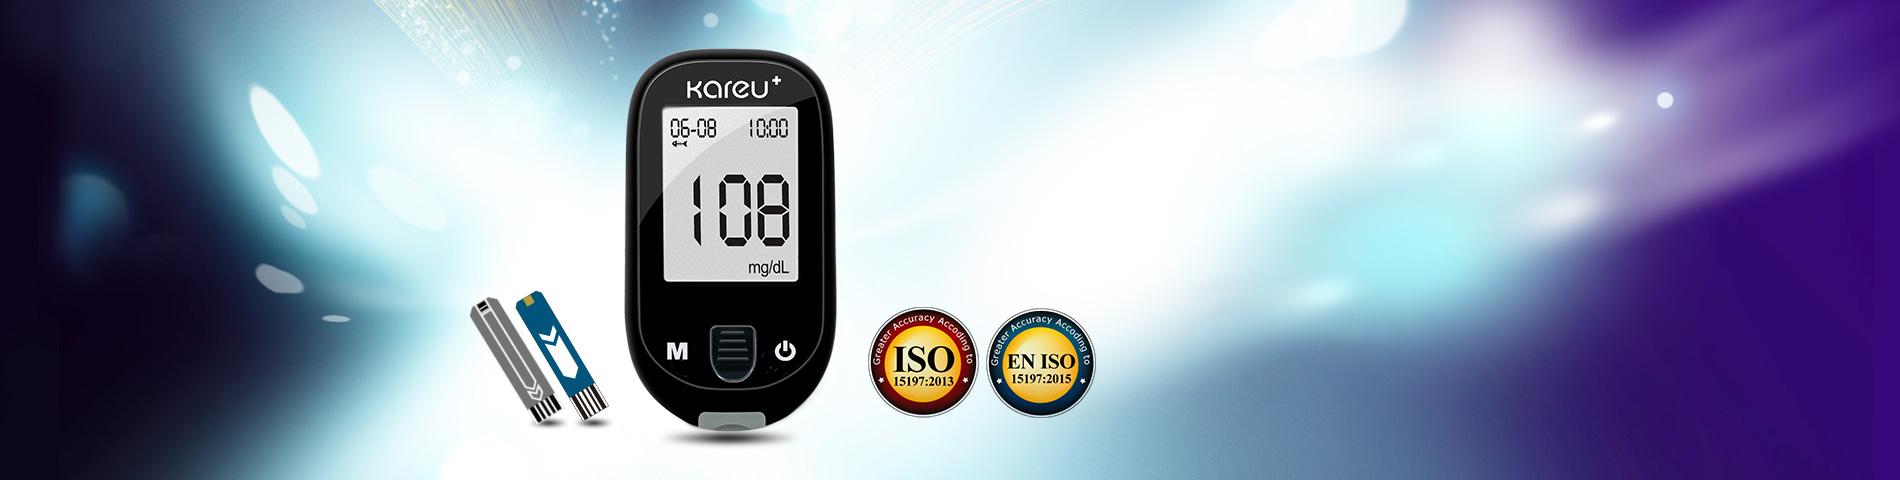 Medidor de   glicose no sangue de  reação rápida e alta precisão Monitora os níveis de glicose no sangue regularmente